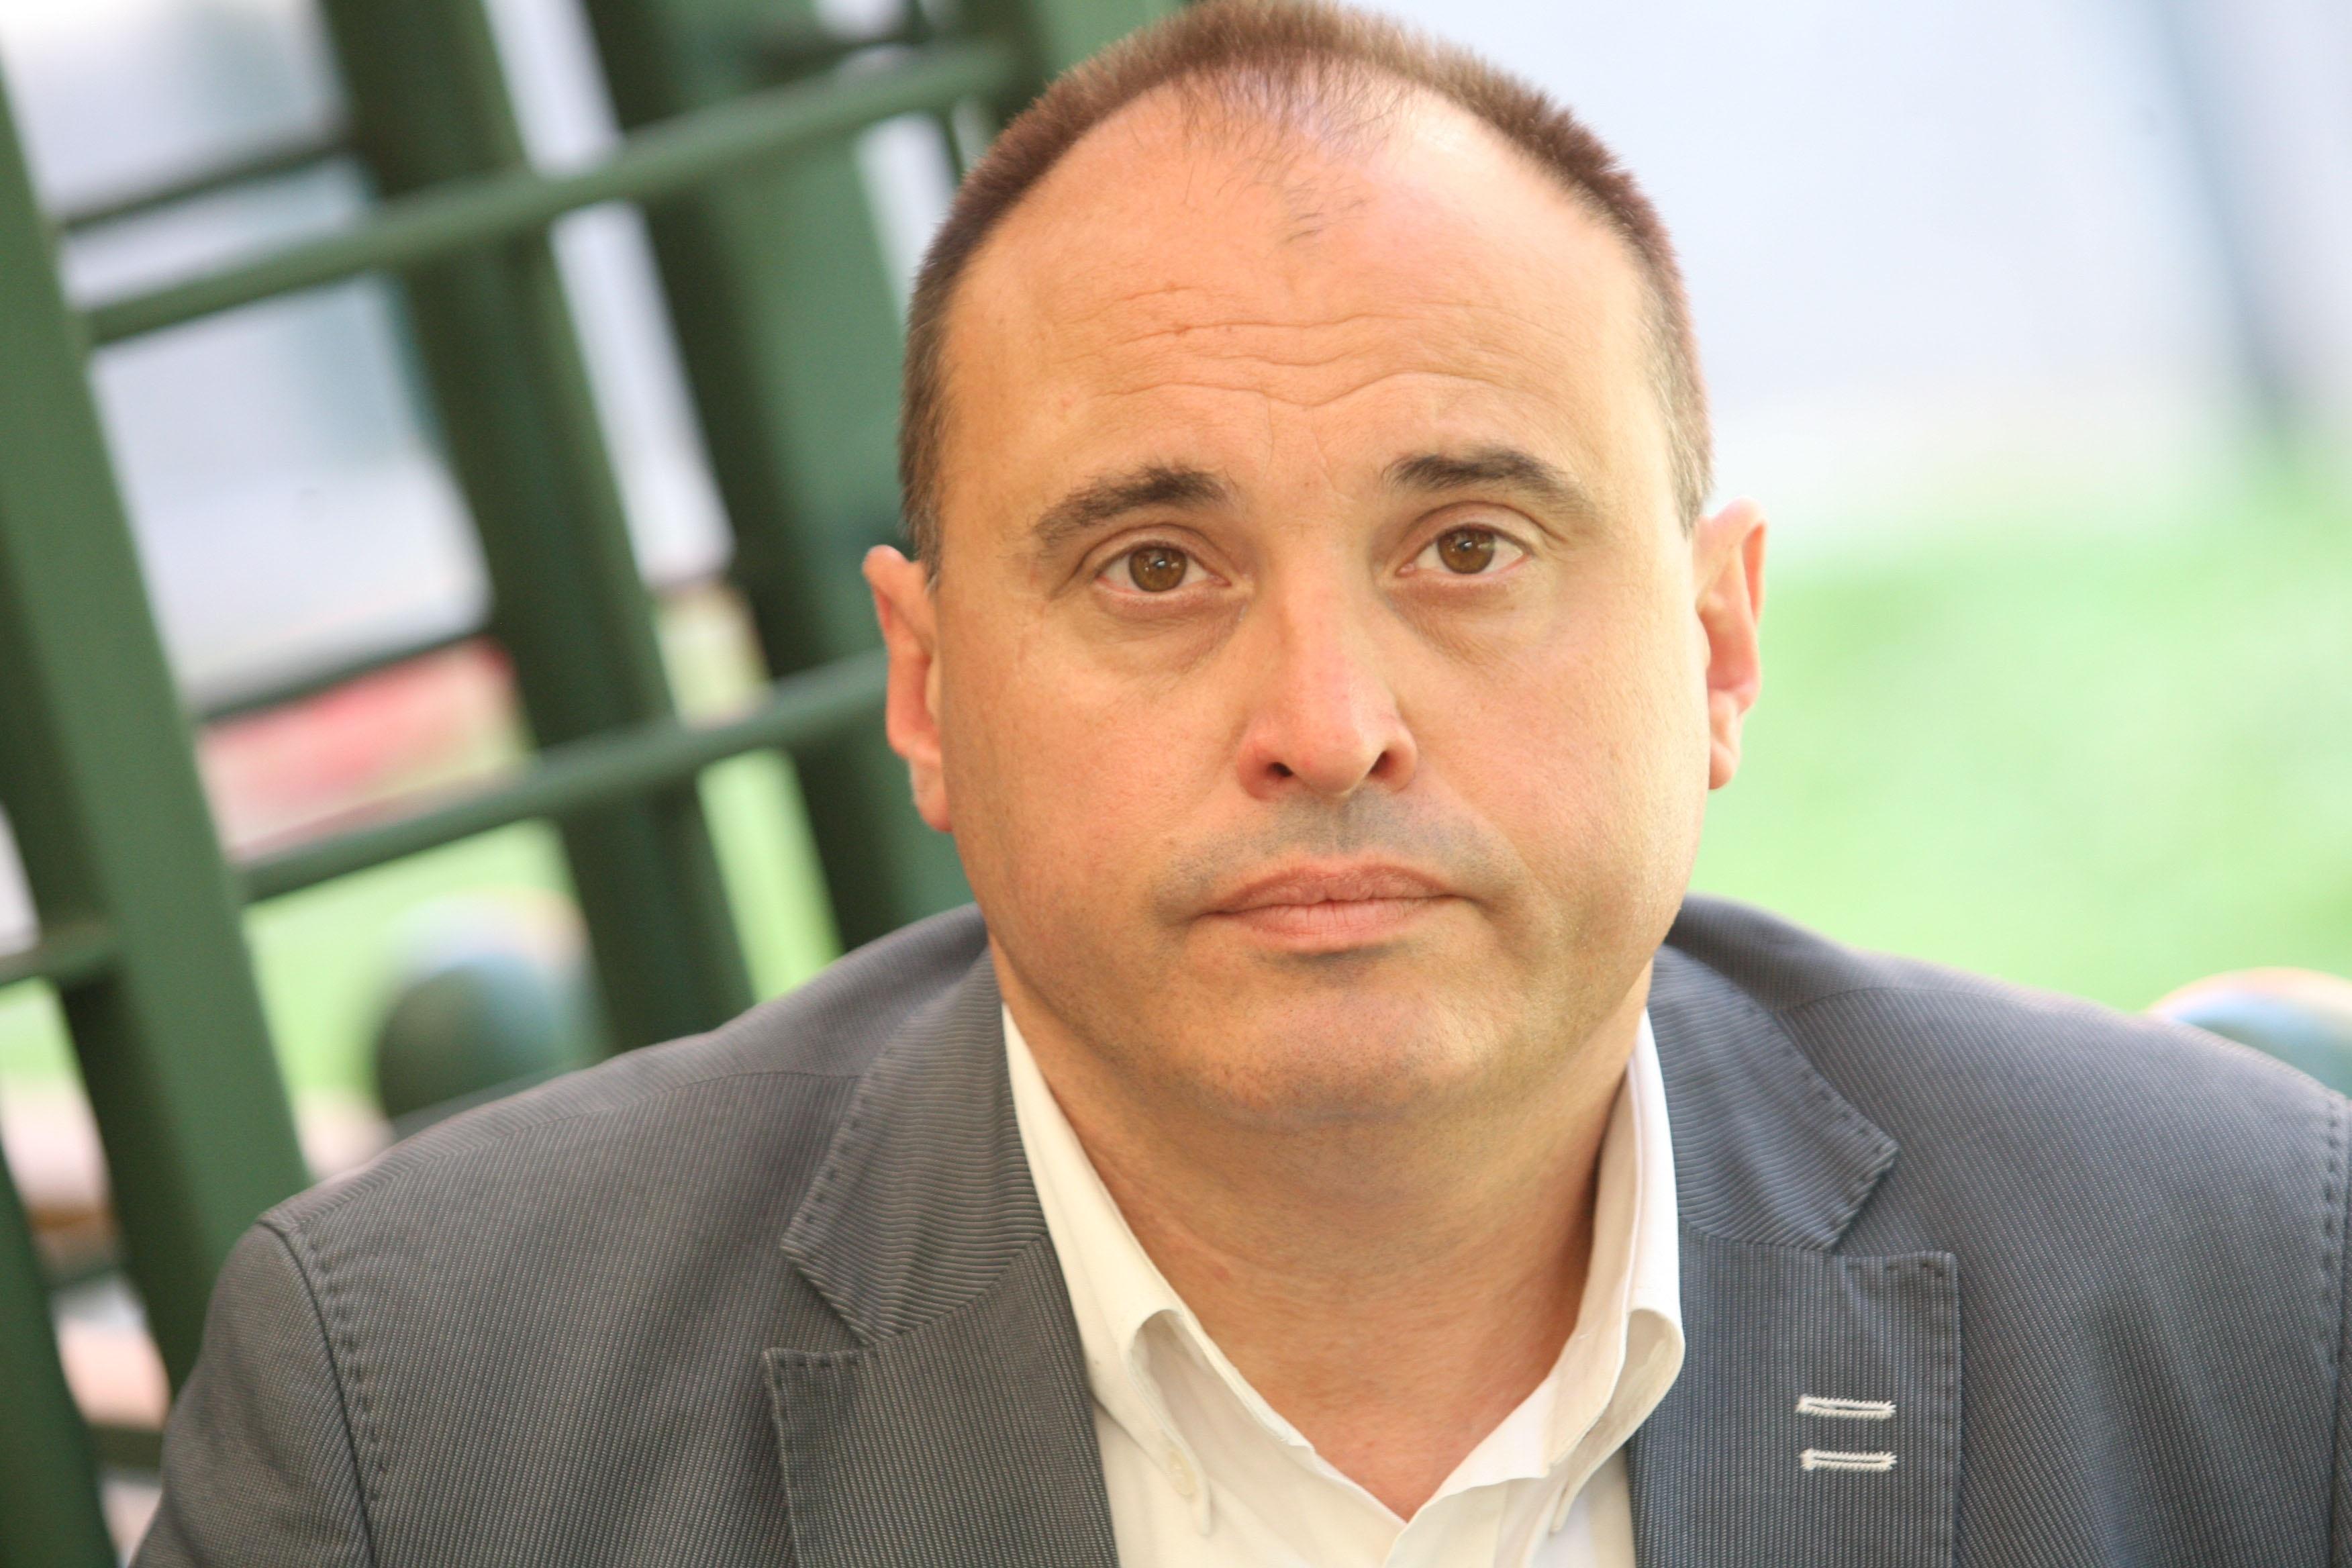 Икономистът Румен Гълъбинов е с номер 18